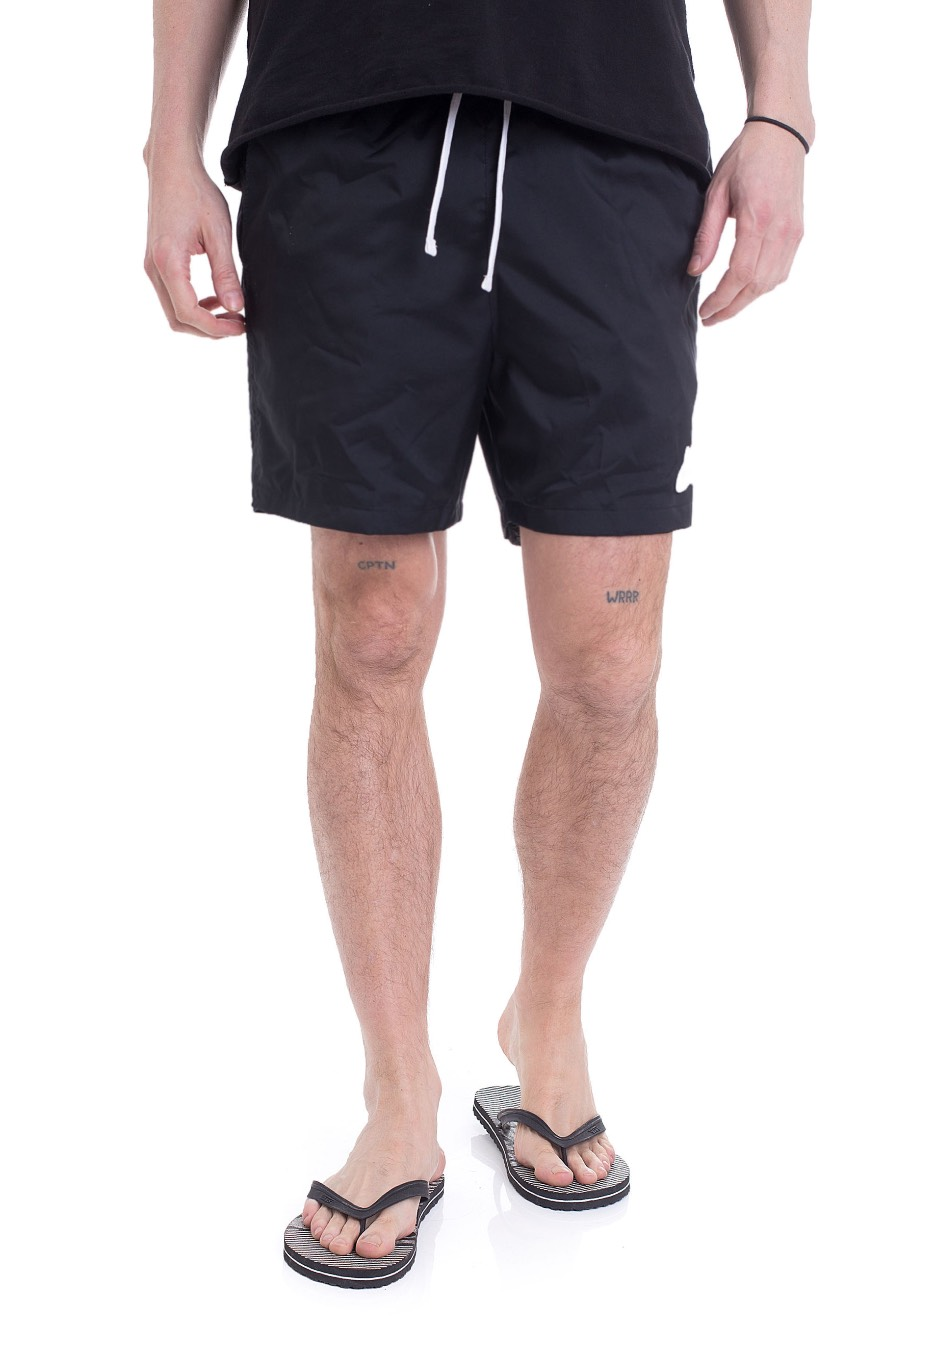 b6663a61a2338 Nike - NSW Woven Flow Black White - Shorts - Streetwear Shop -  Impericon.com US